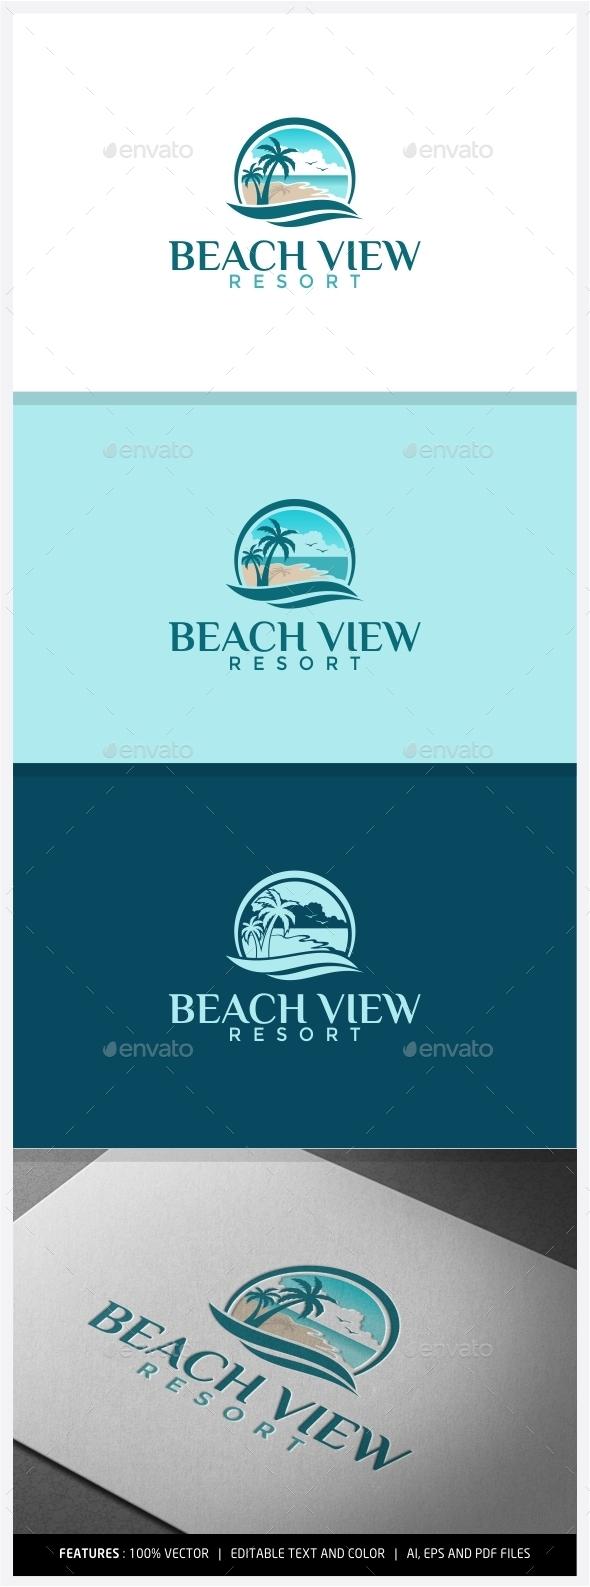 GraphicRiver Beach View Resort Logo 9949790